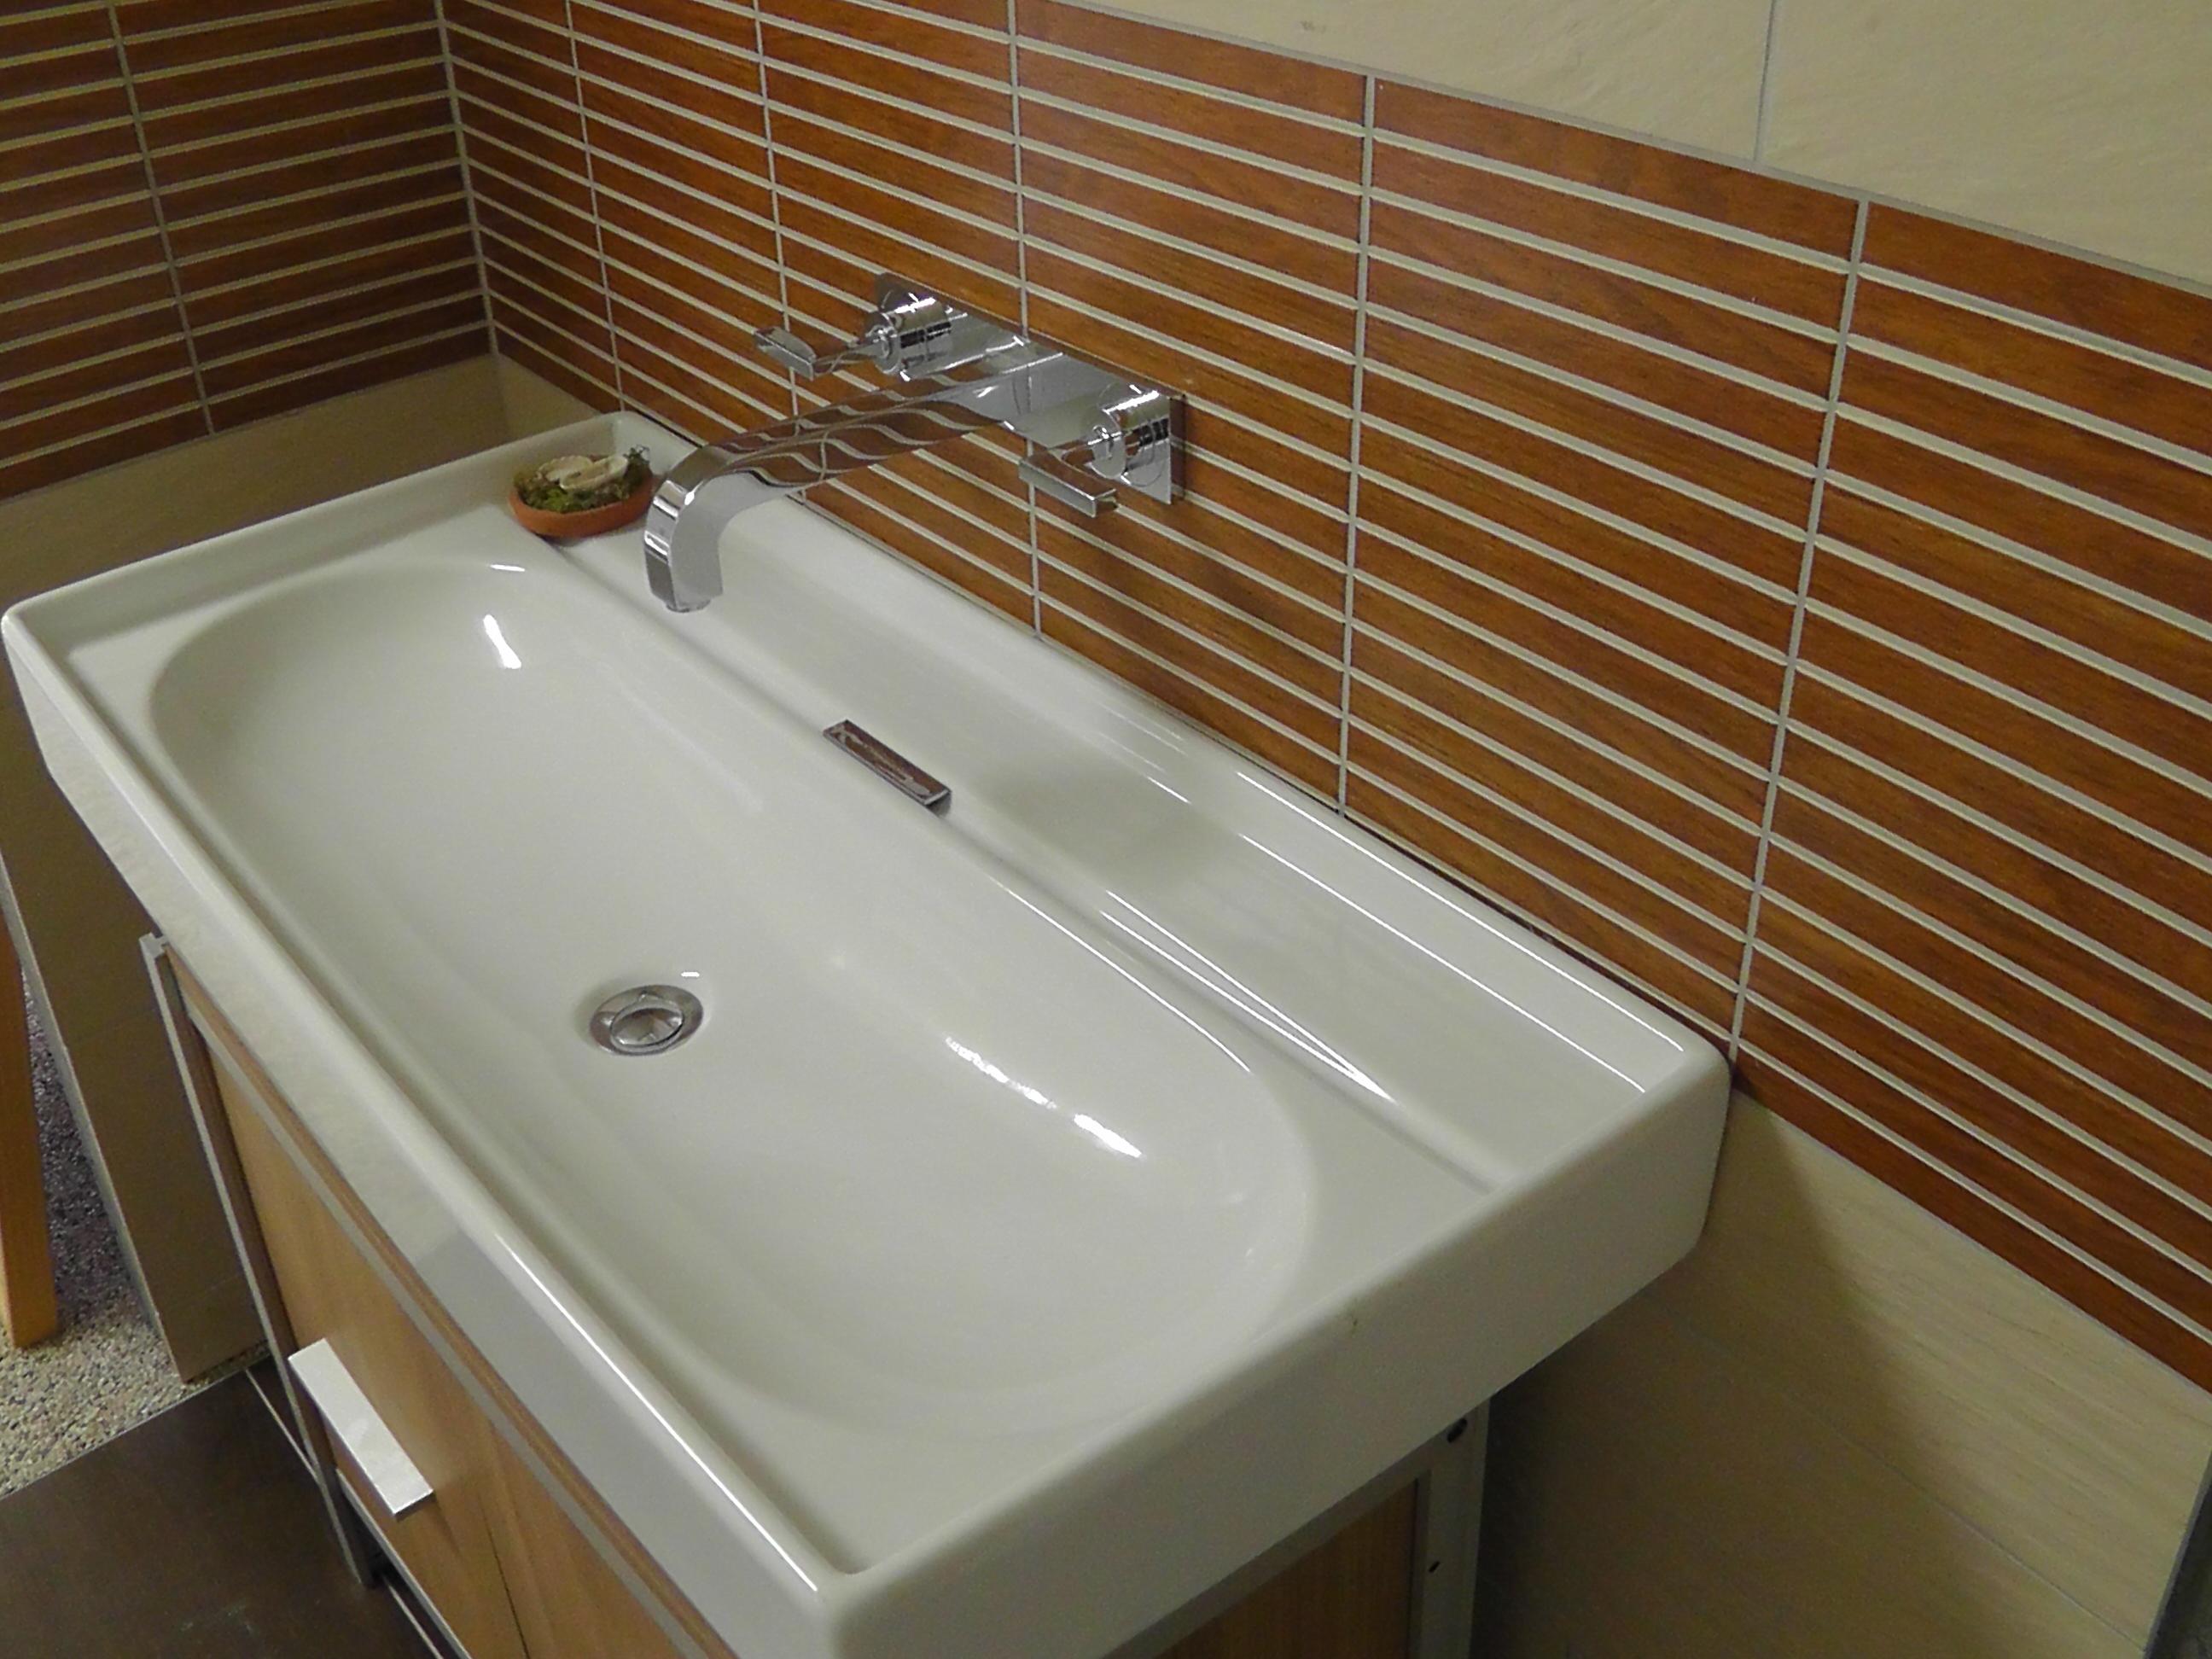 handwaschbecken ohne hahnloch pr ferenz waschtisch ohne hahnloch mit unterschrank andro63. Black Bedroom Furniture Sets. Home Design Ideas